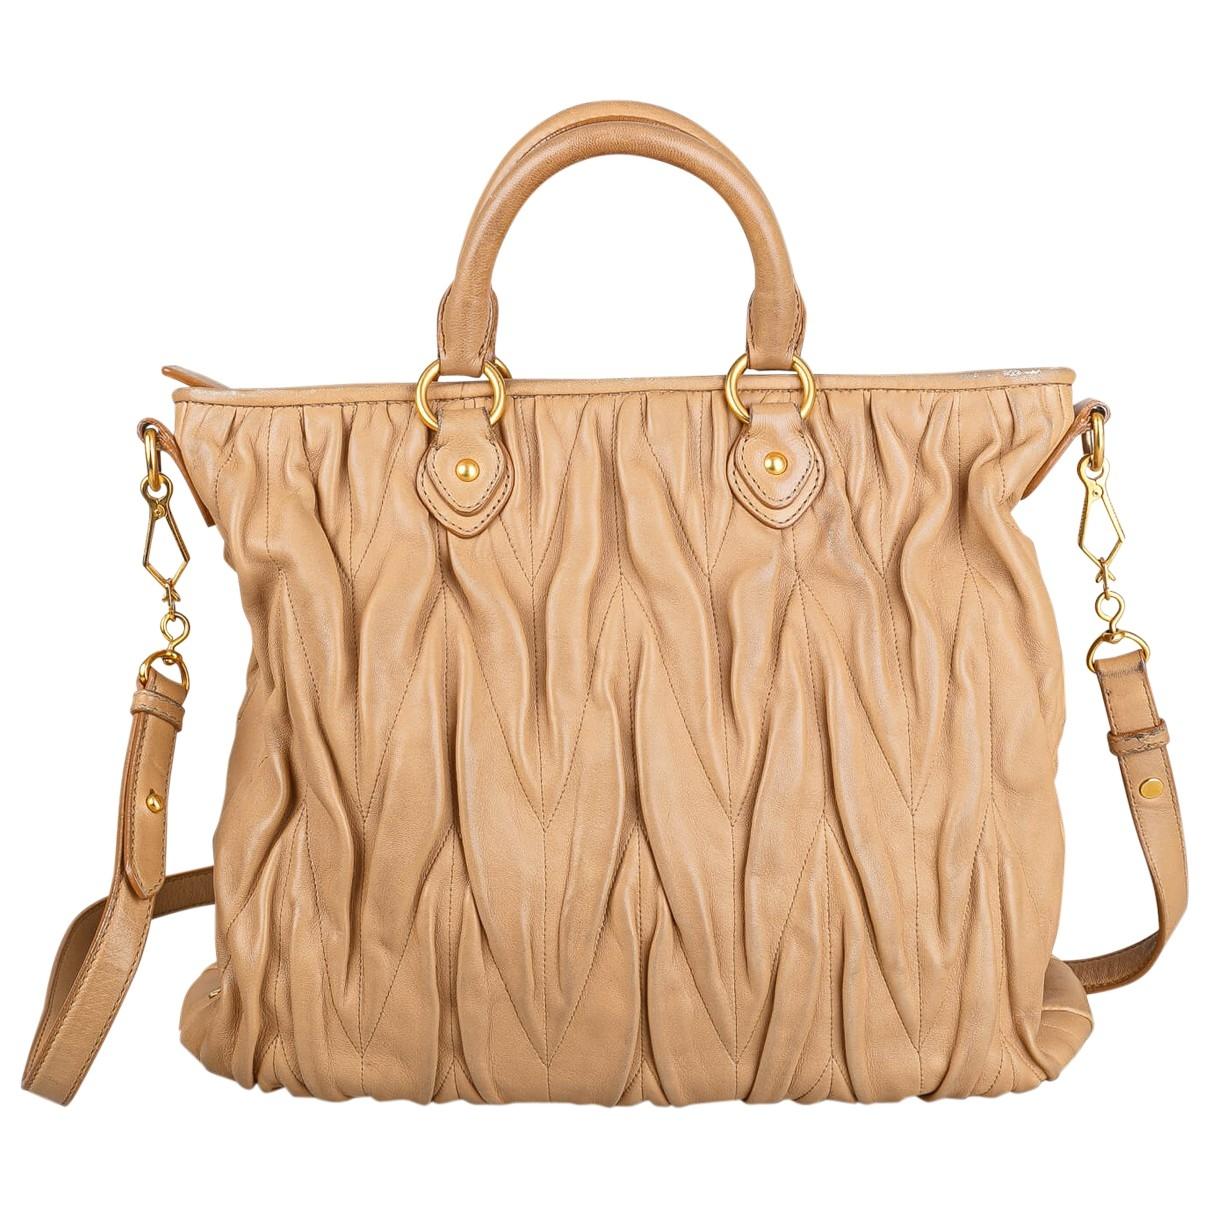 Miu Miu Matelasse Handtasche in  Beige Leder